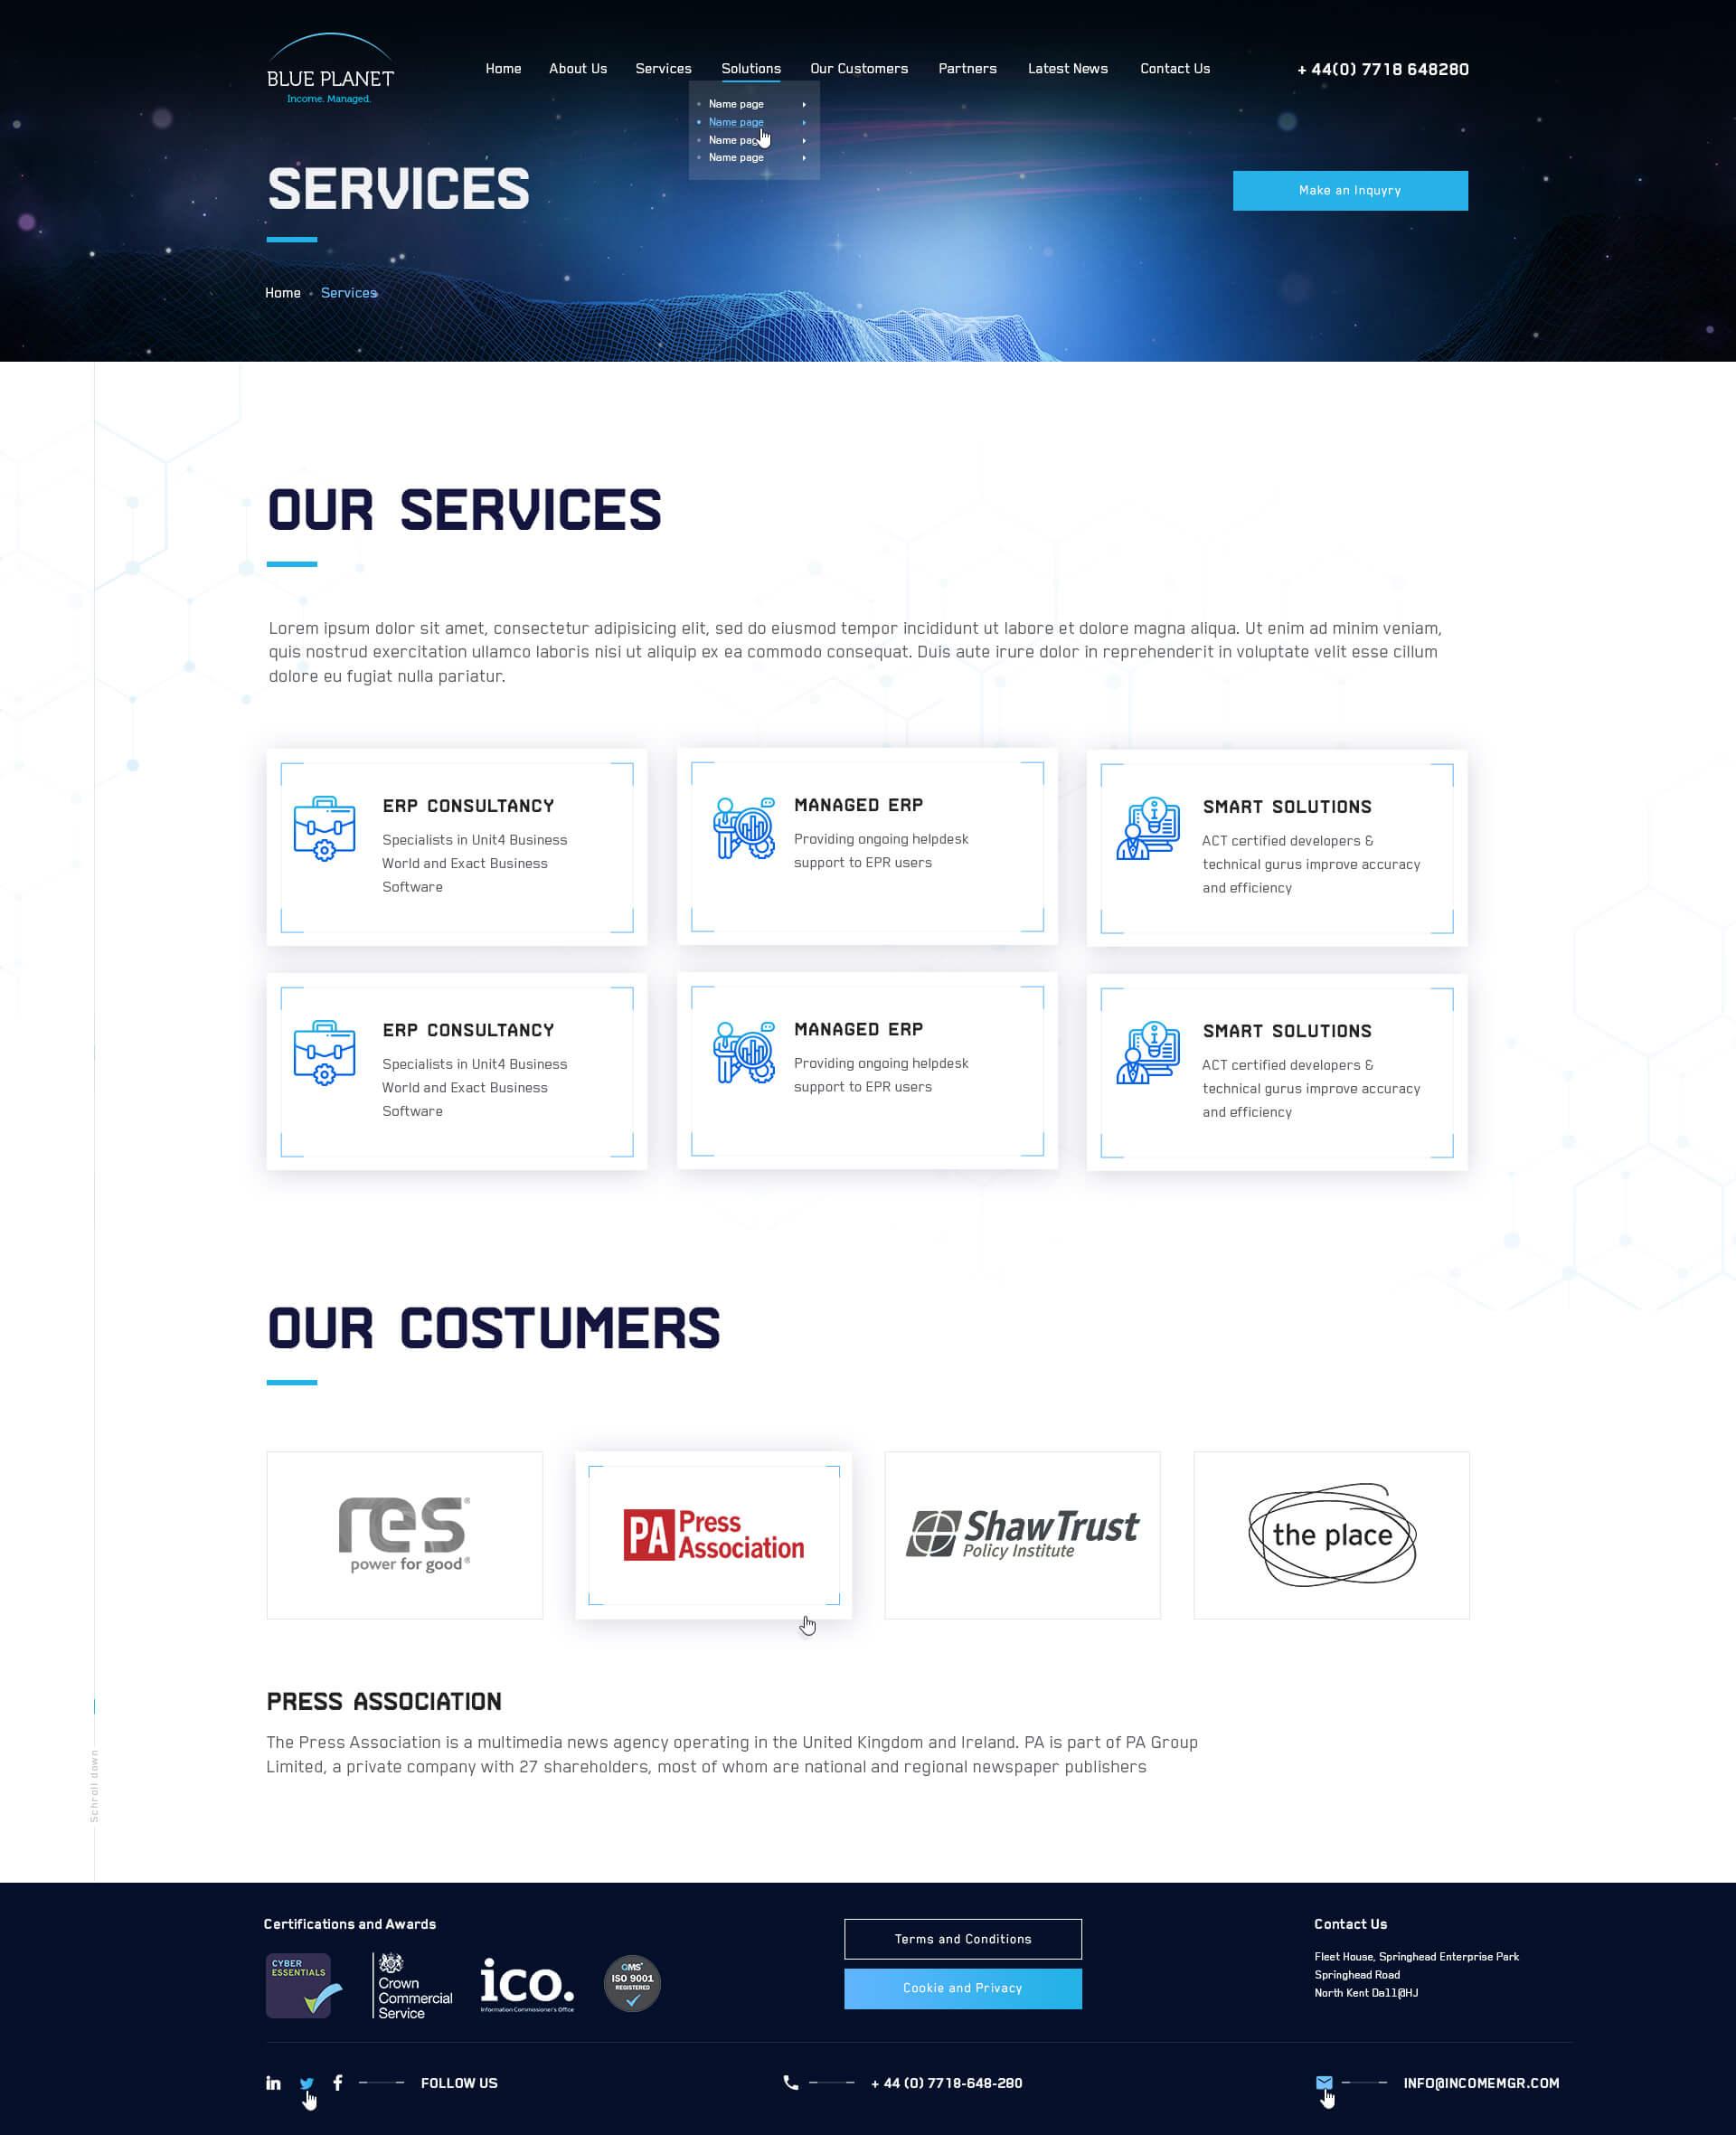 Blue Planet Soft_Services